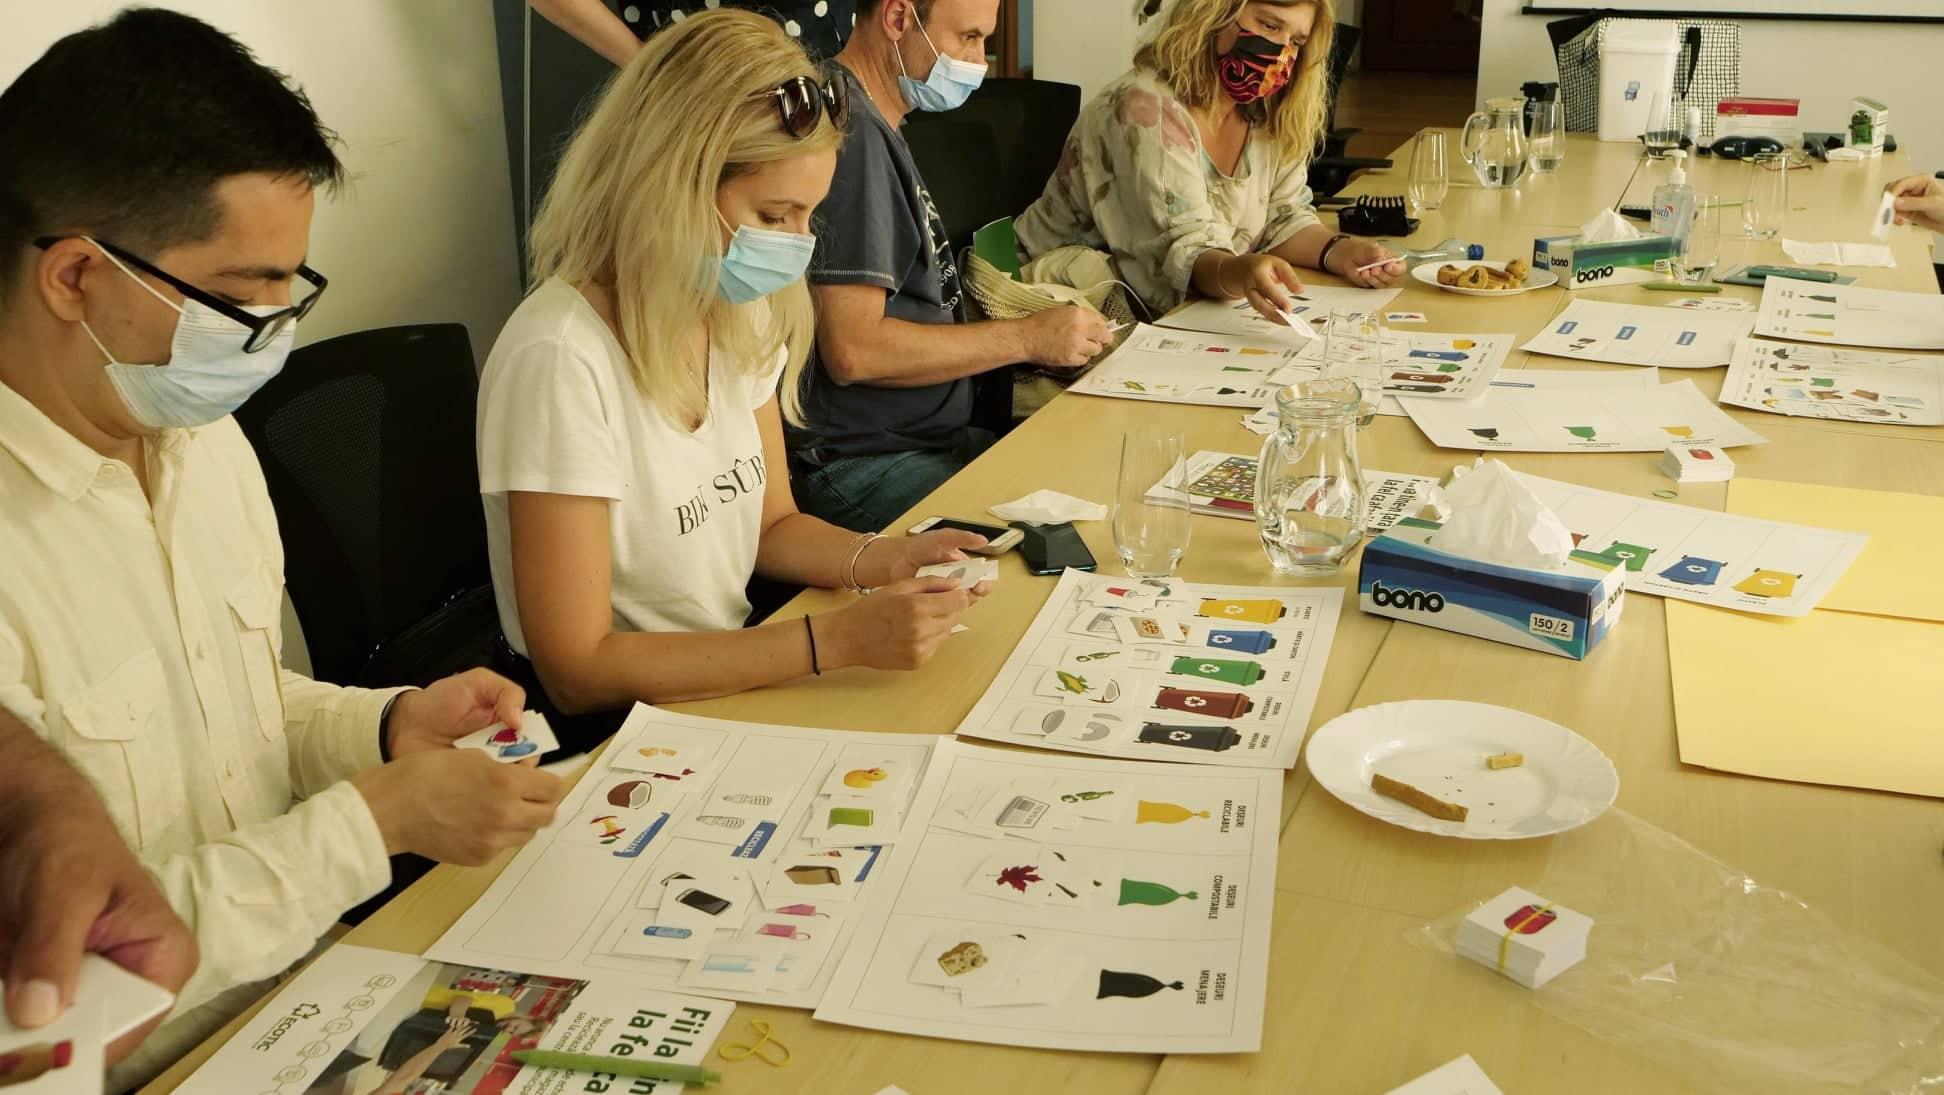 Ministerul Mediului, Apelor și Pădurilor (MMAP) a găzduit o serie de workshop-uri despre sustenabilitate destinate jurnaliștilor